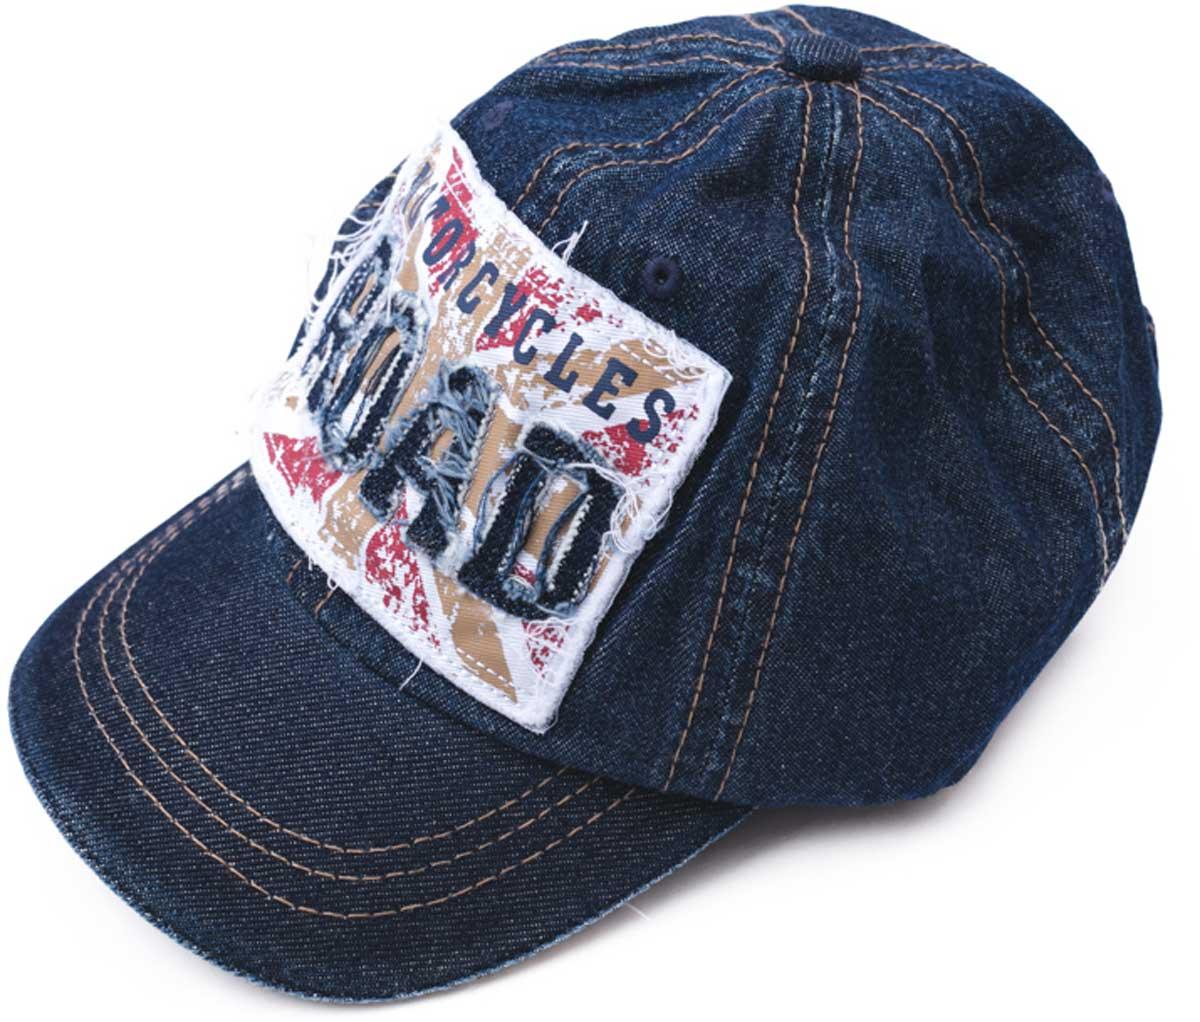 Бейсболка детская171034Модная кепка - бейсболка из натуральной джинсы, как у взрослых, понравится вашему ребенку. Модель снабжена эффектной аппликацией.